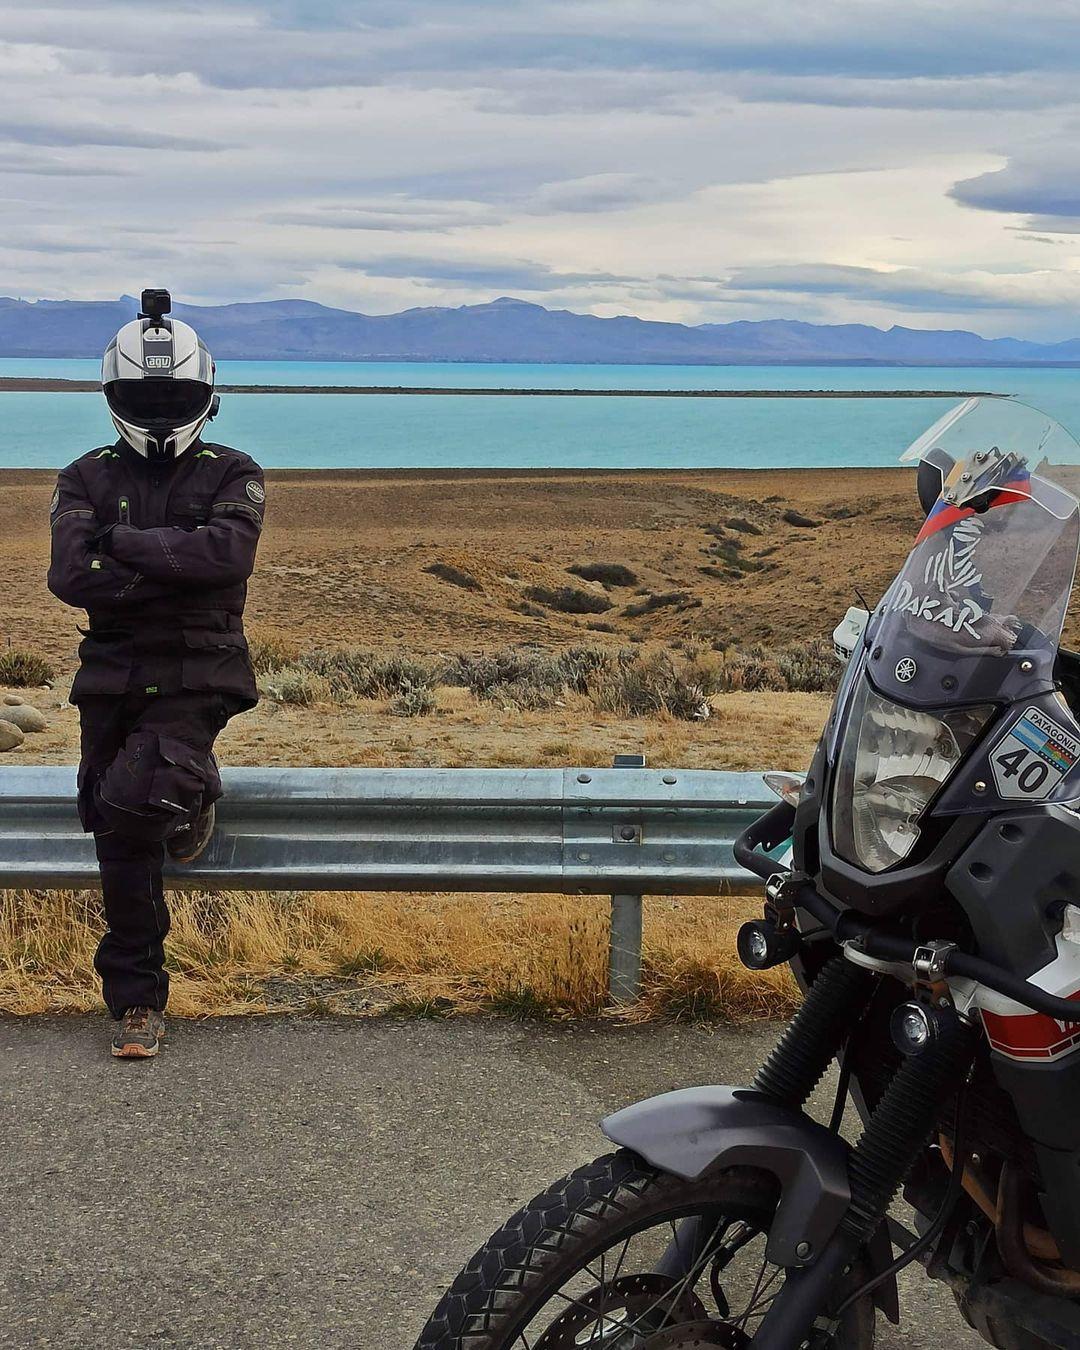 viajar en moto ruta 40 argentina